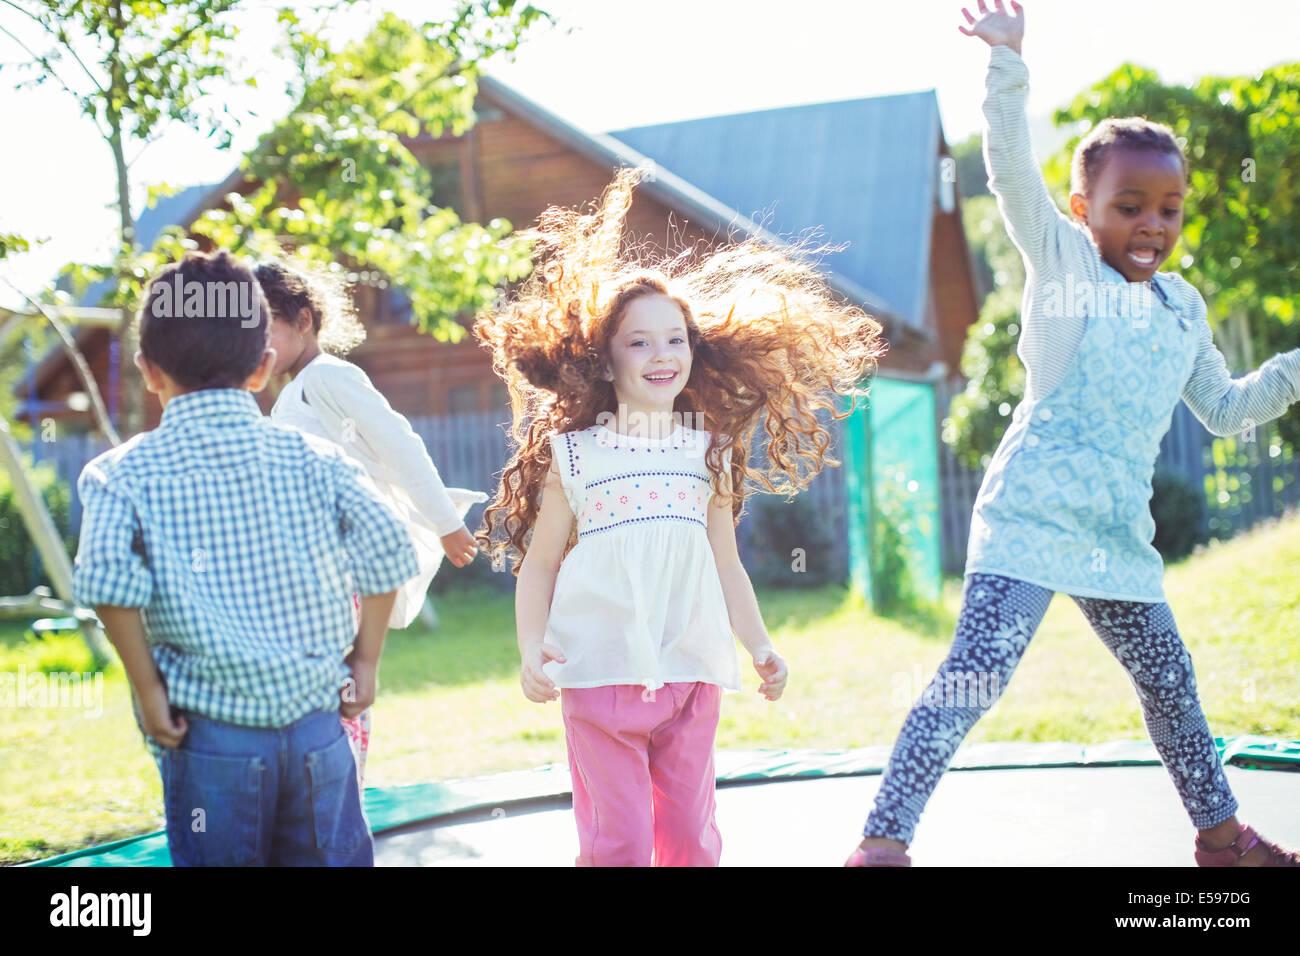 Los niños saltando en el trampolín al aire libre Foto de stock